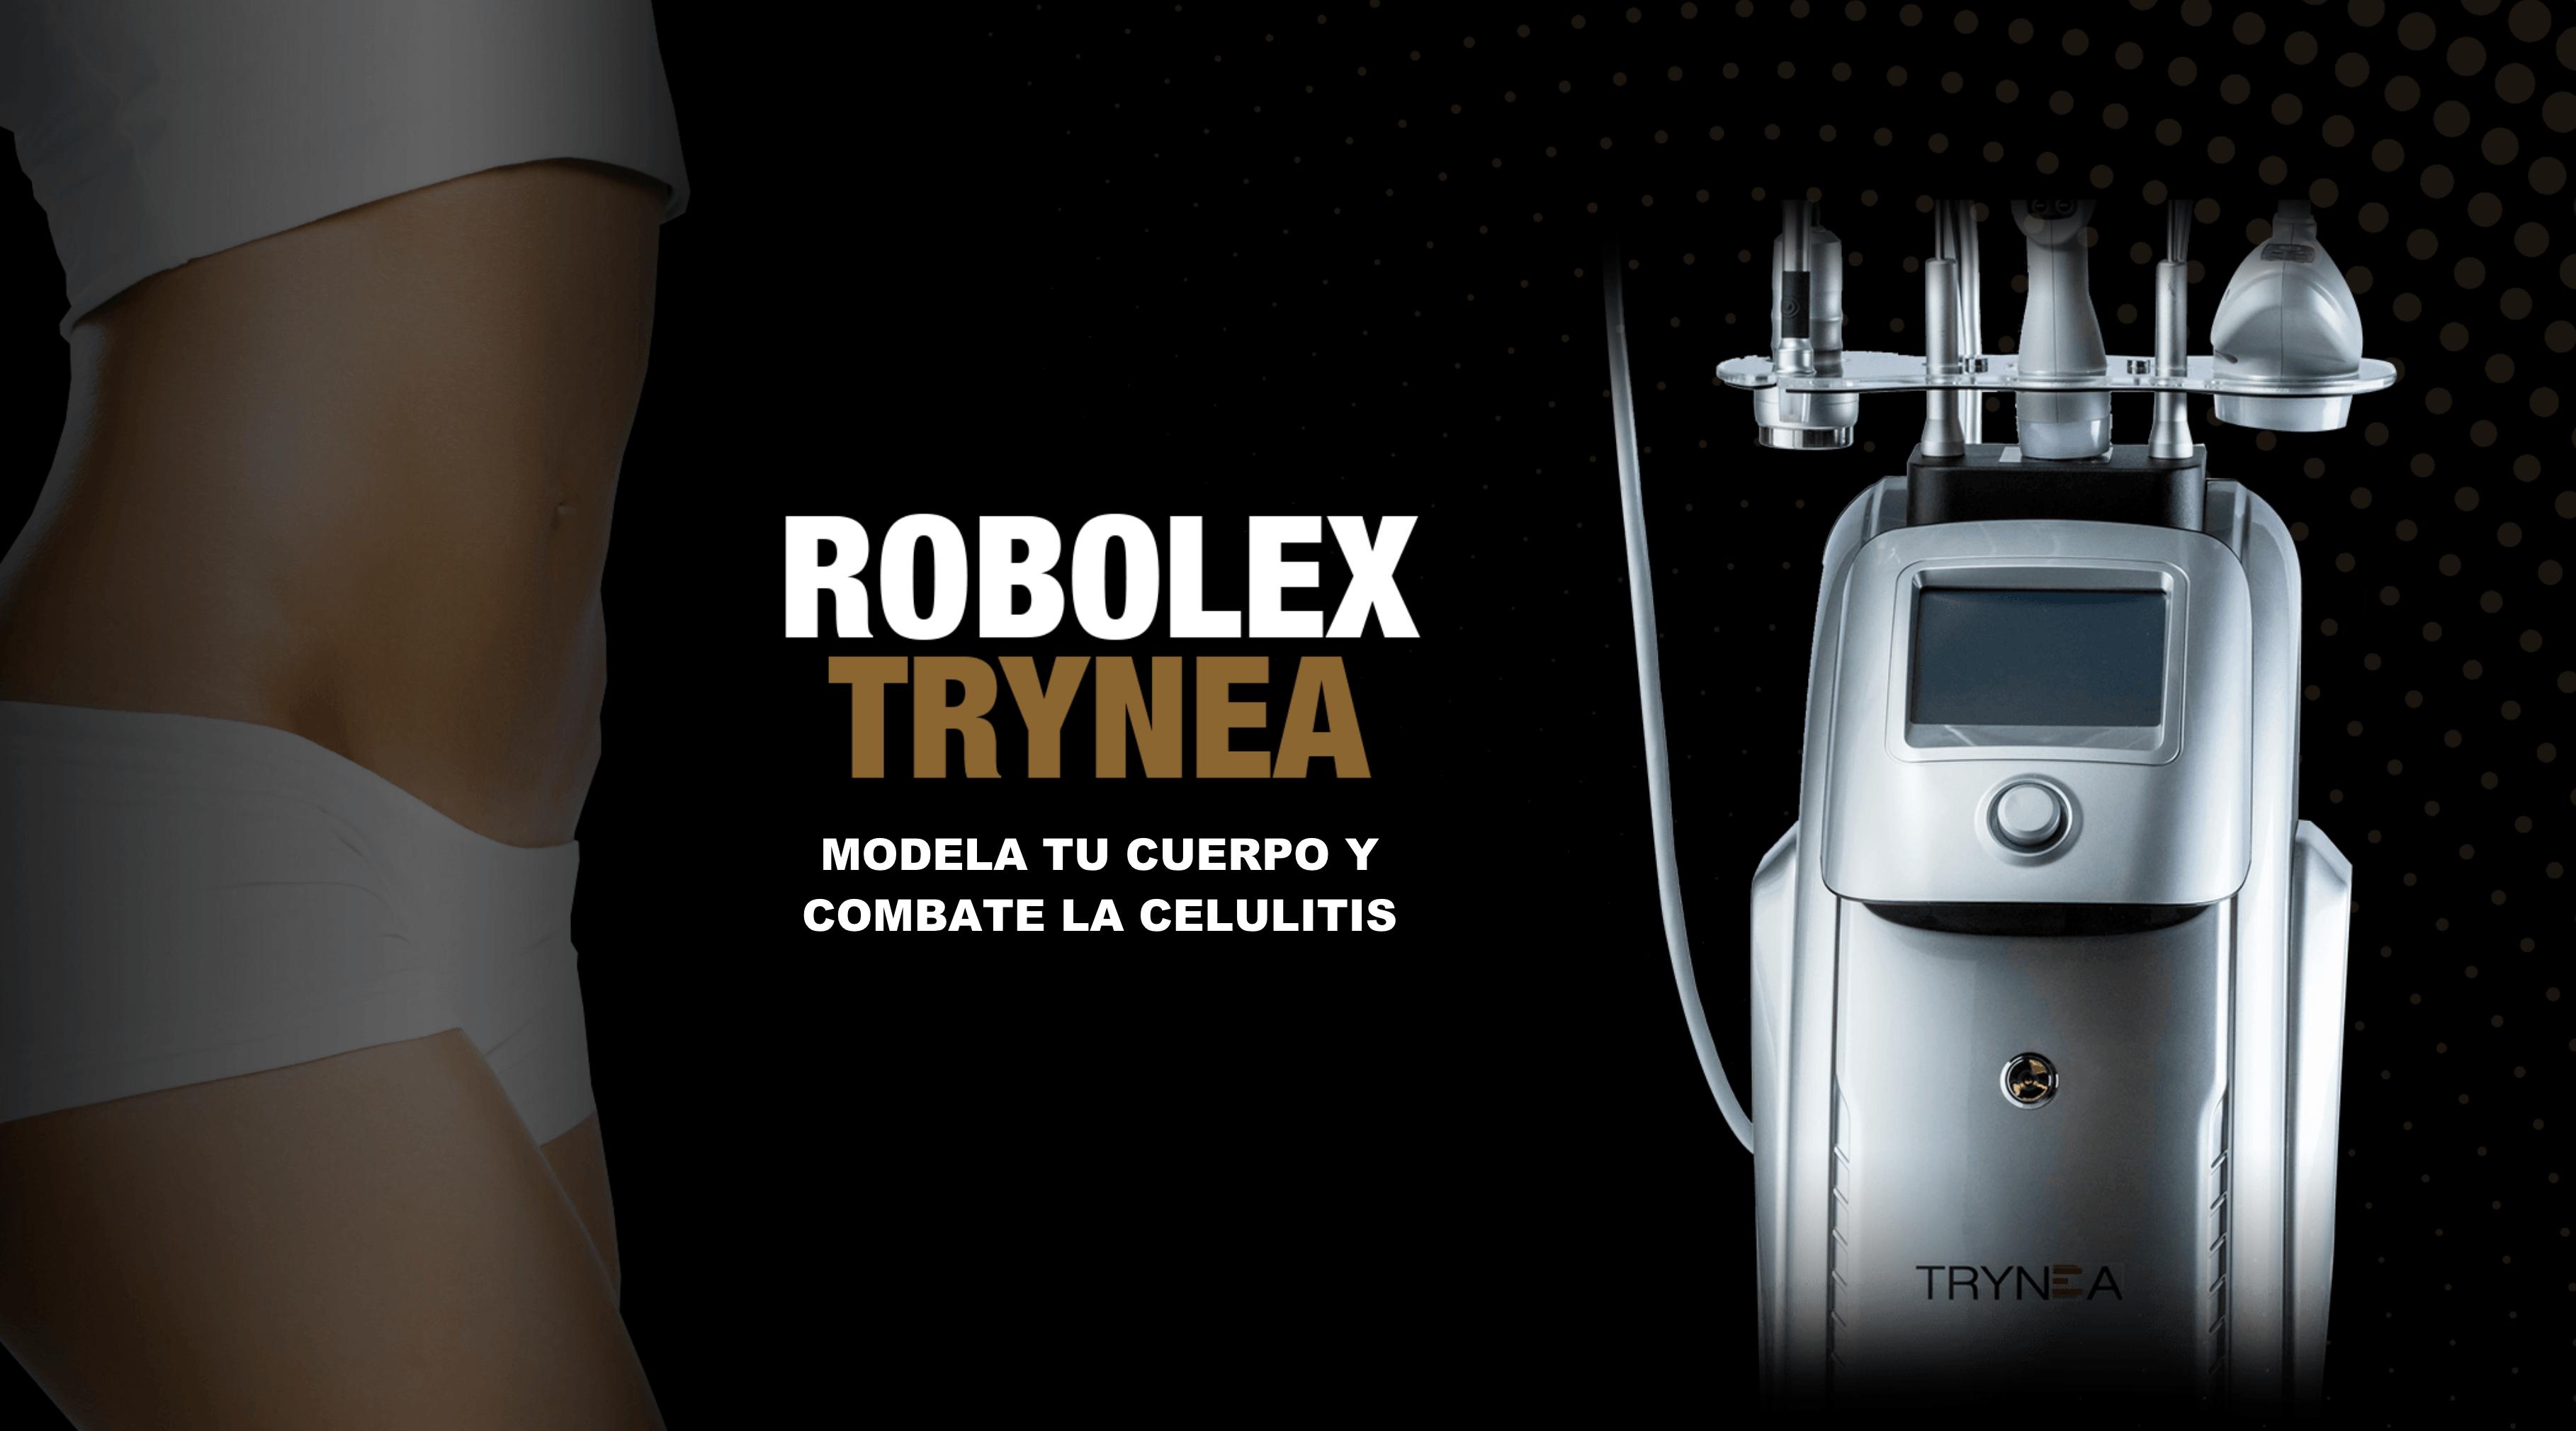 Robolex Trynea, la remodelación integral segura y eficaz